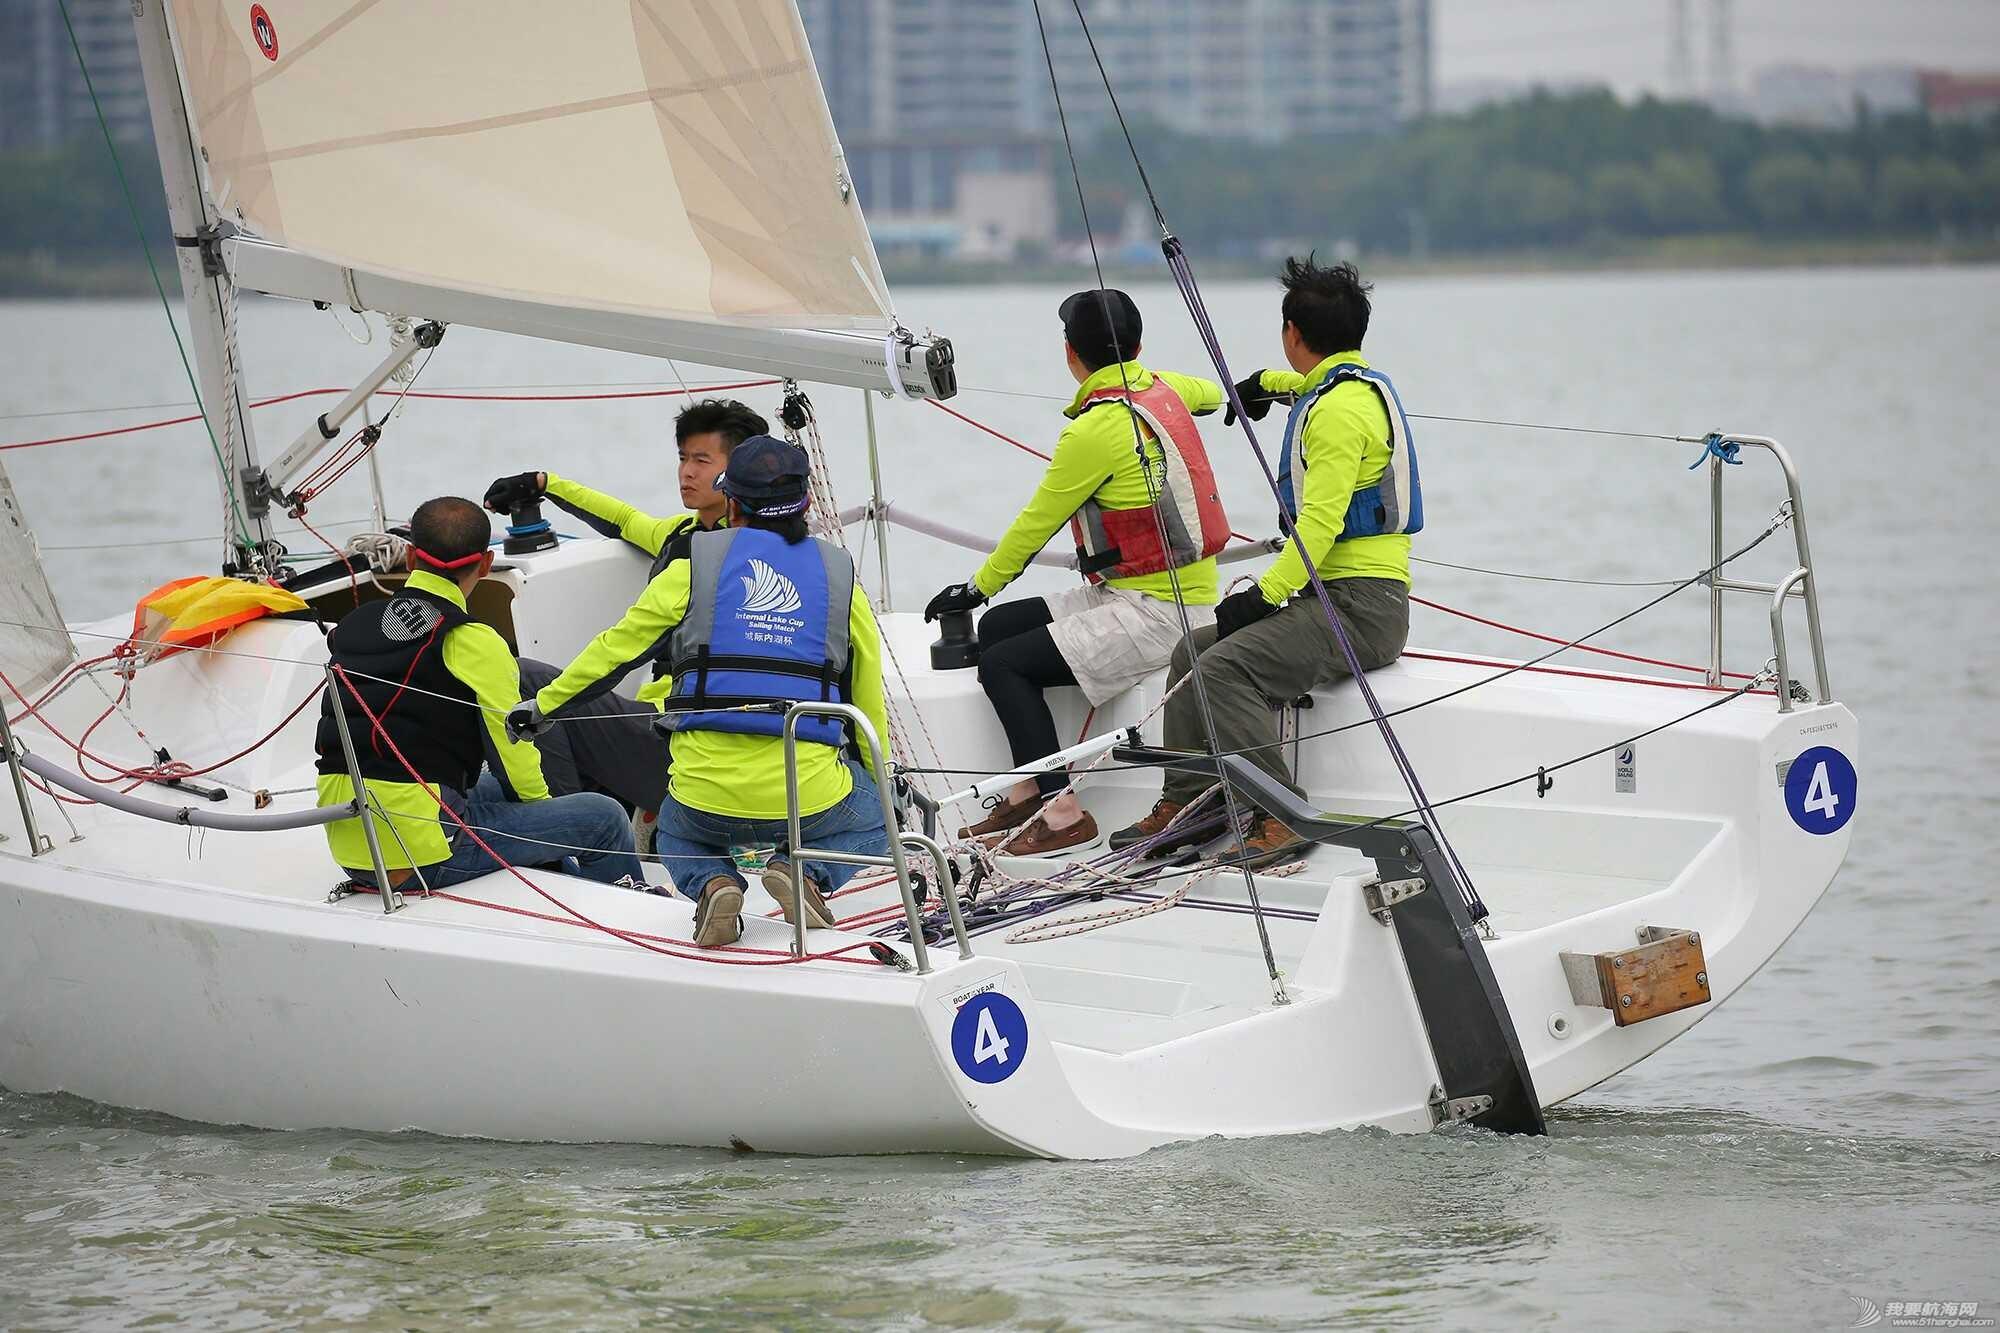 每次比赛都是一种升华之2016金鸡湖 1476520453886.jpg